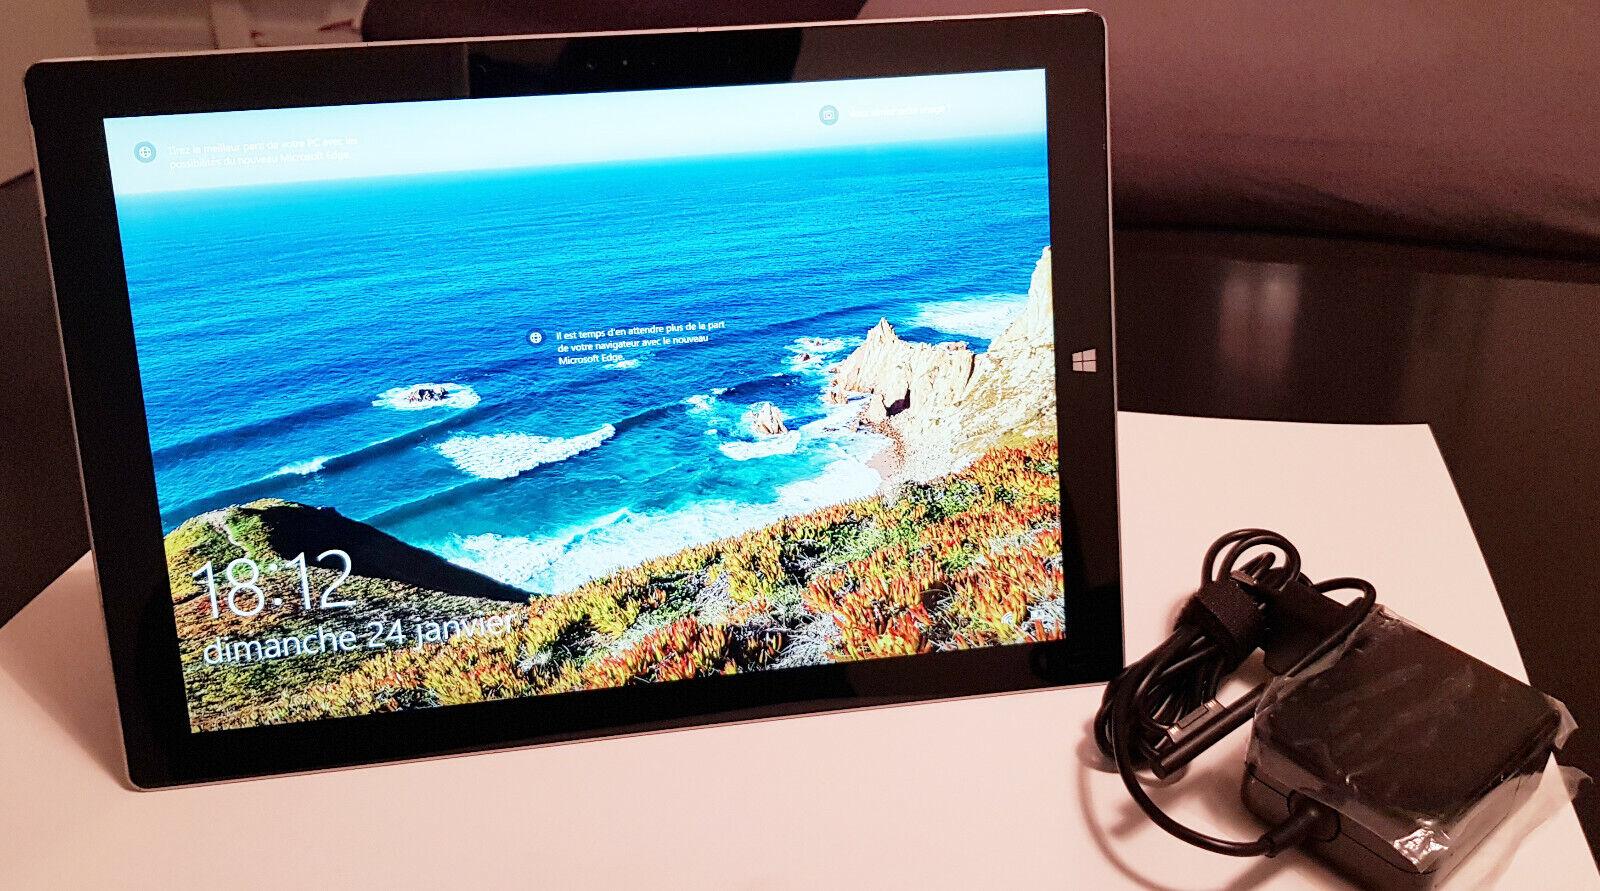 Tablette microsoft surface pro 3 modèle 1631 core i3-4020y 1.50ghz 4gb ram